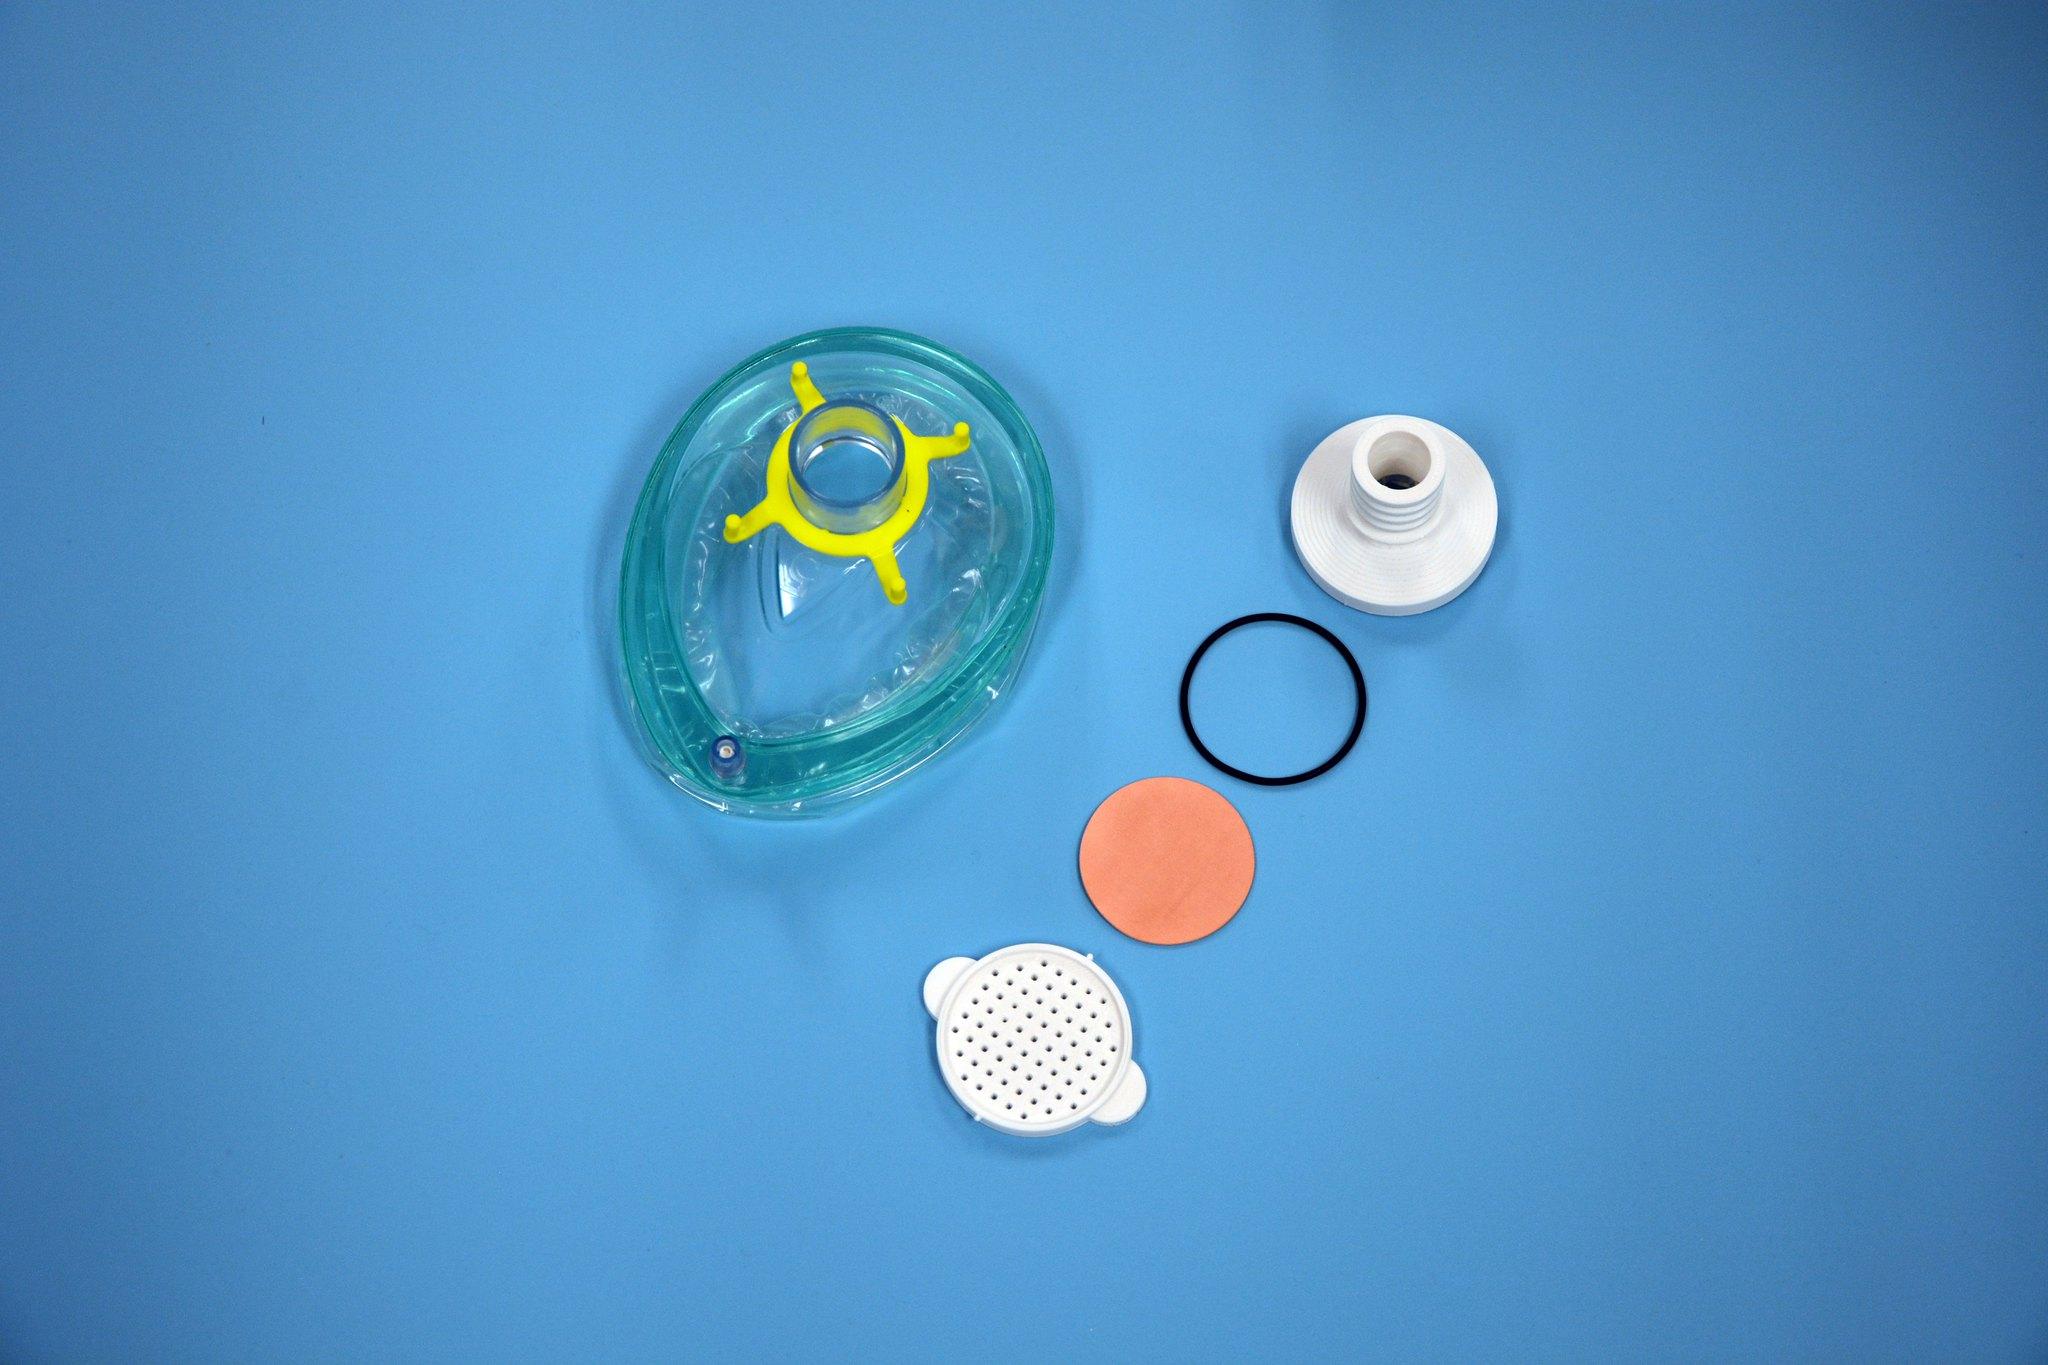 具有3D打印金属过滤器的ExOne和Pitt 3D打印有望重复使用的呼吸器